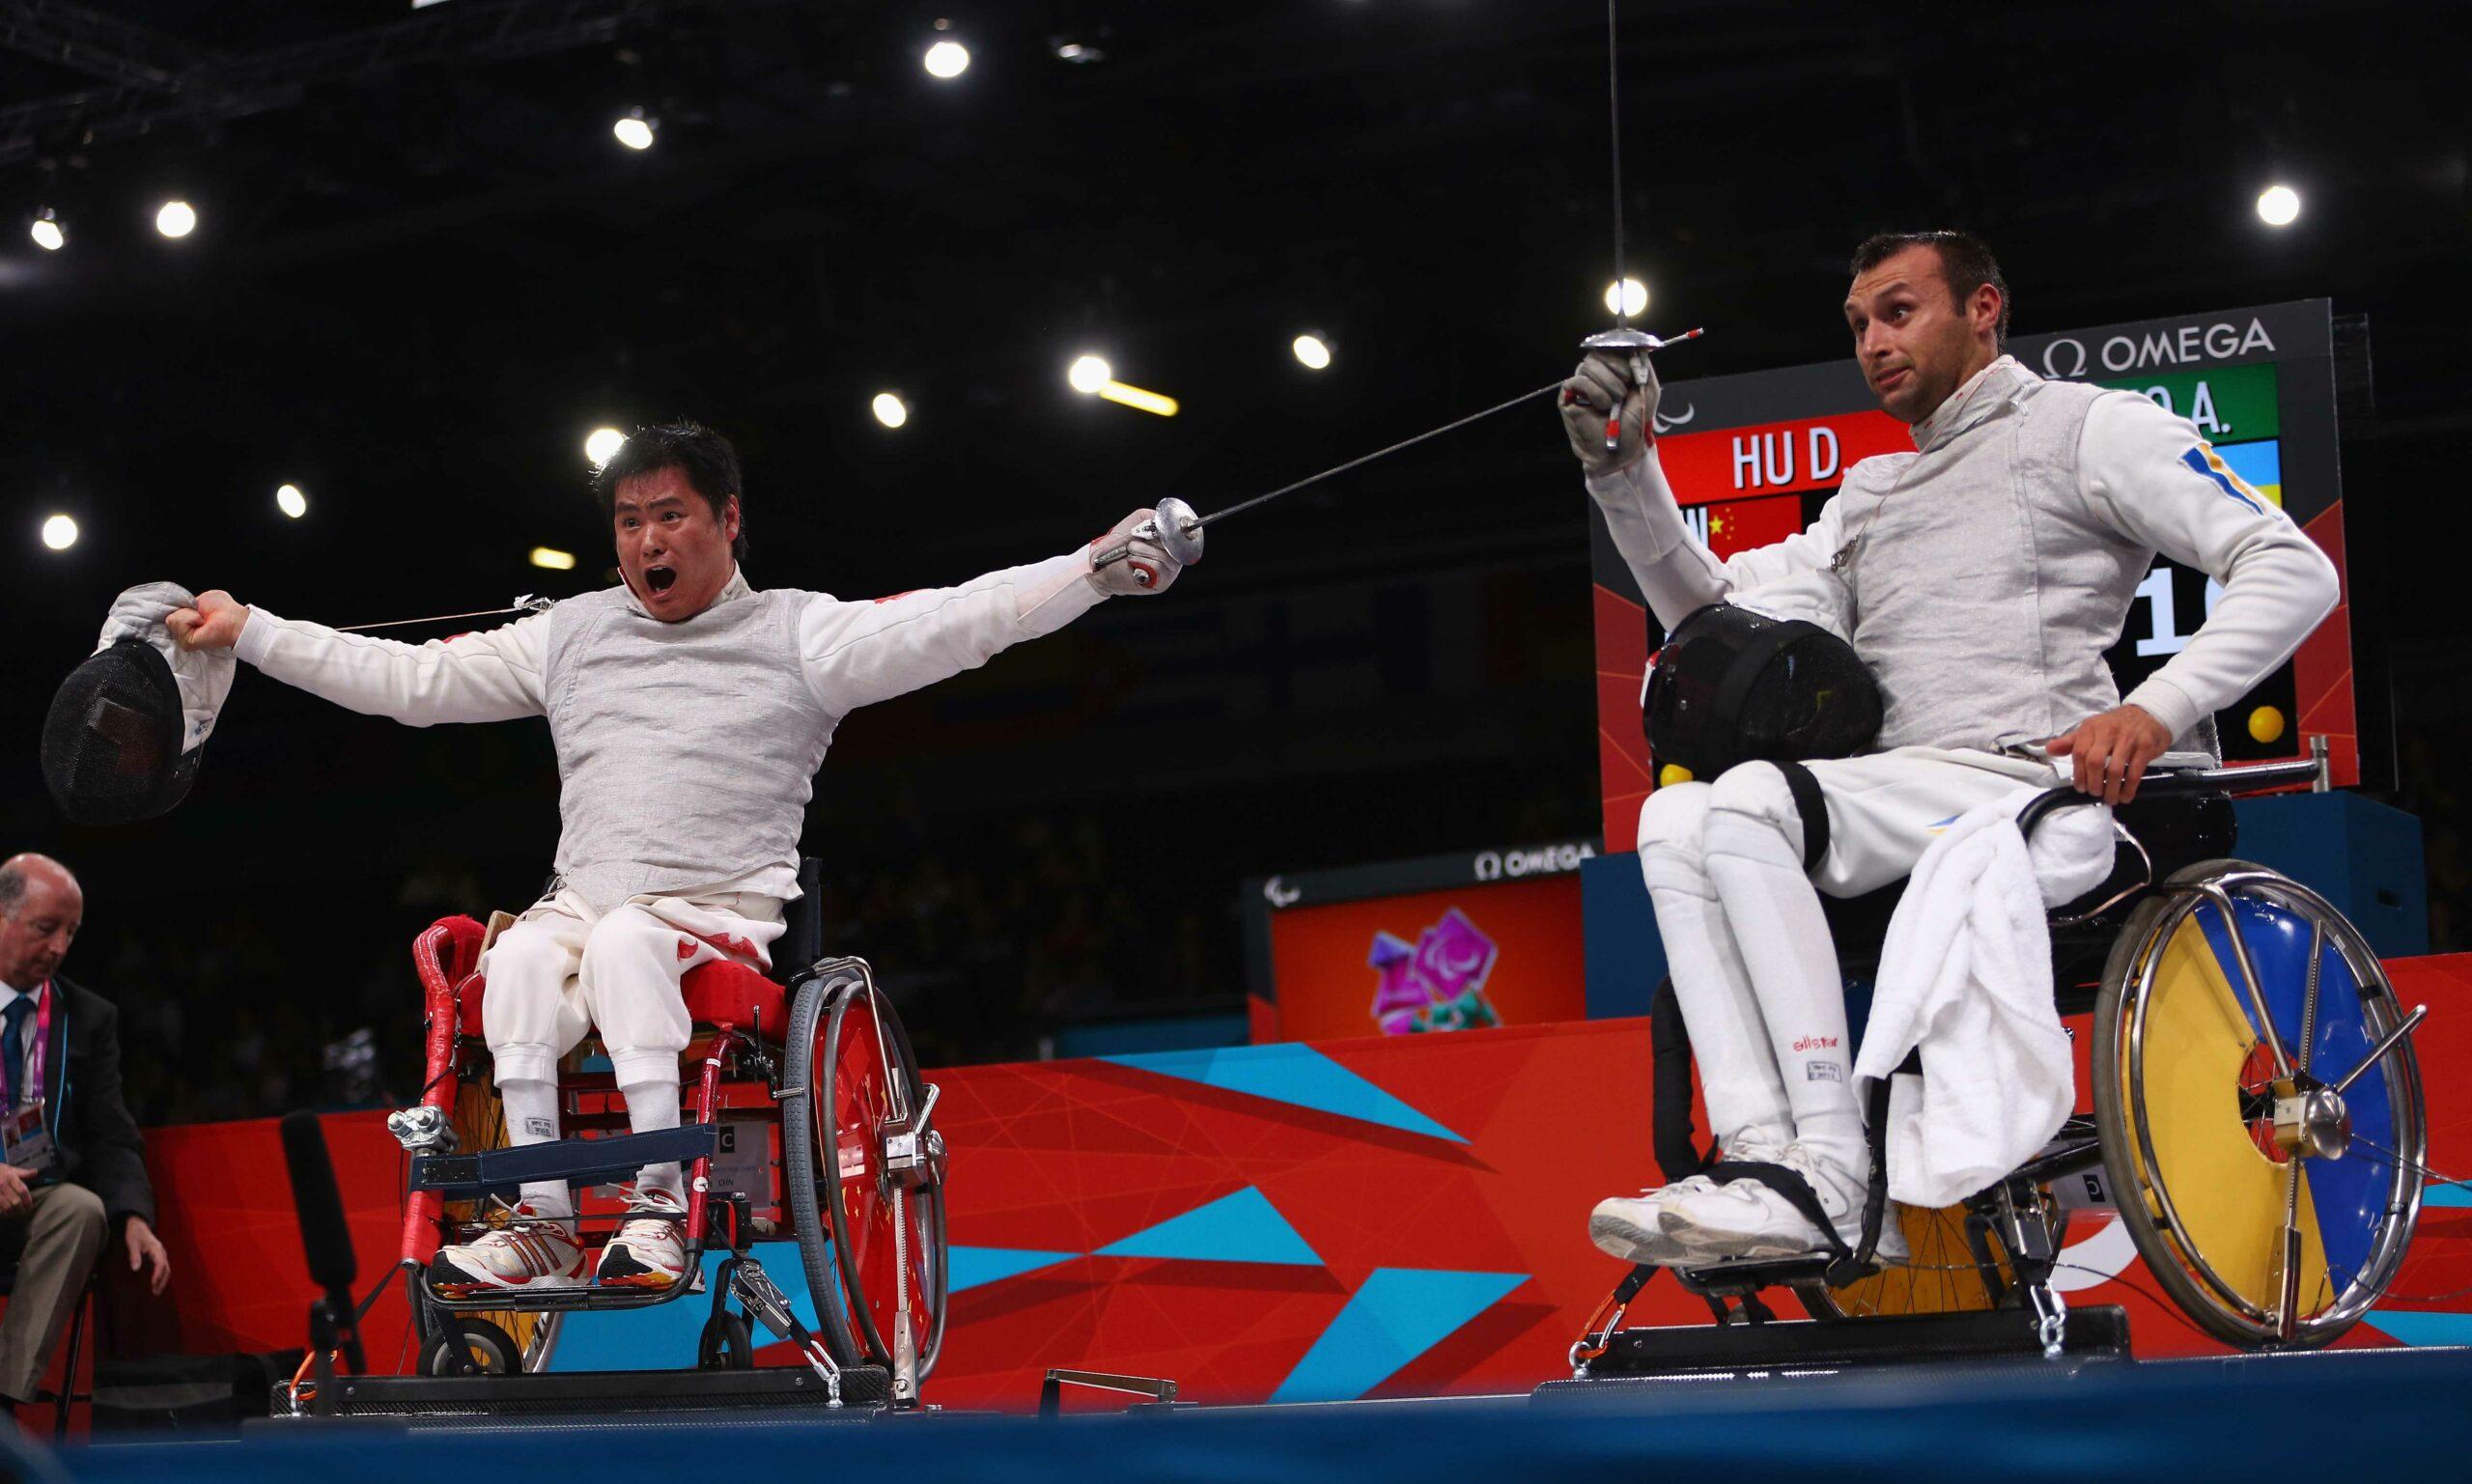 gettyimages 151233846 scaled - <b>Необмежені можливості.</b> Як українським паралімпійцям удається перемагати в спорті та житті - Заборона